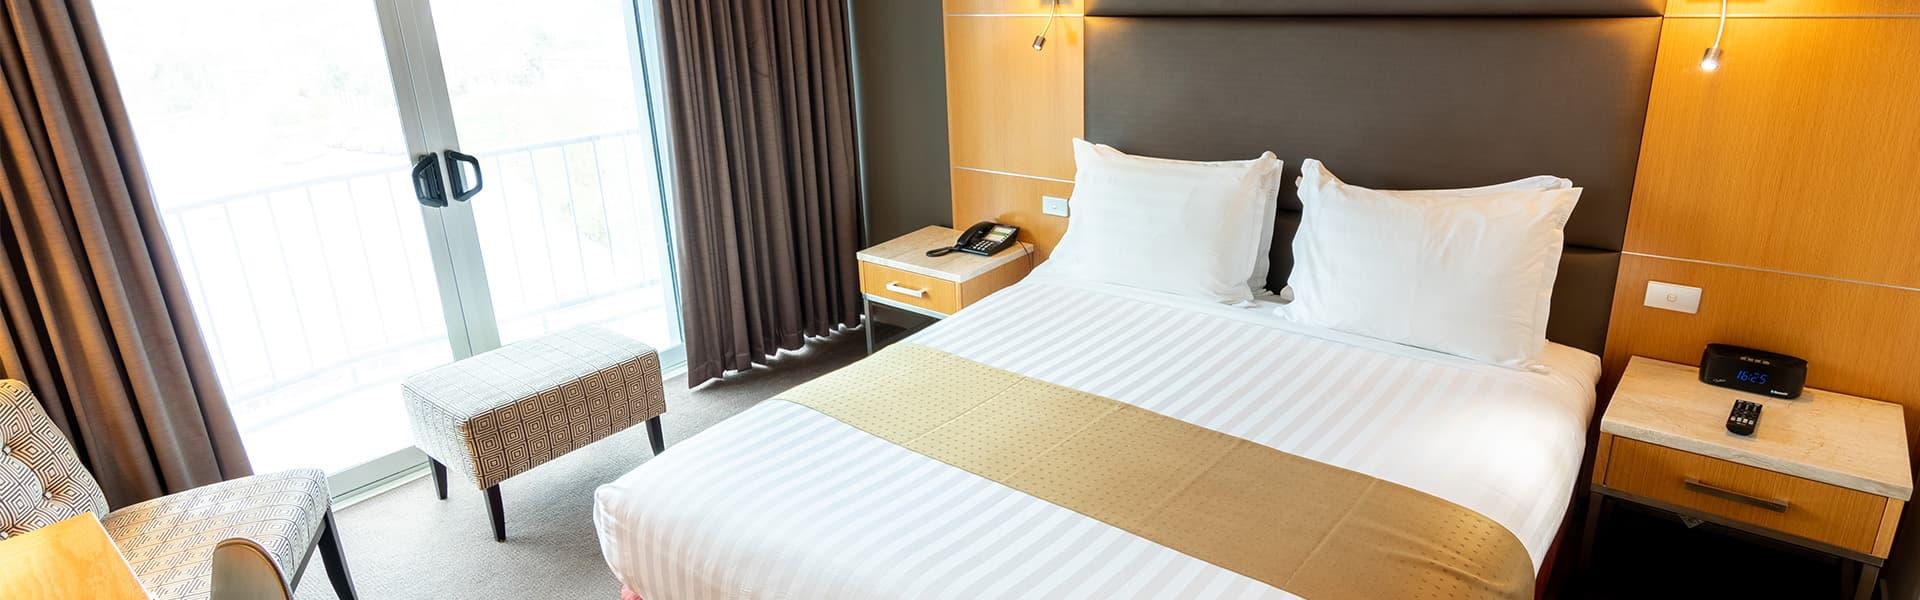 Bộ chăn ga khách sạn